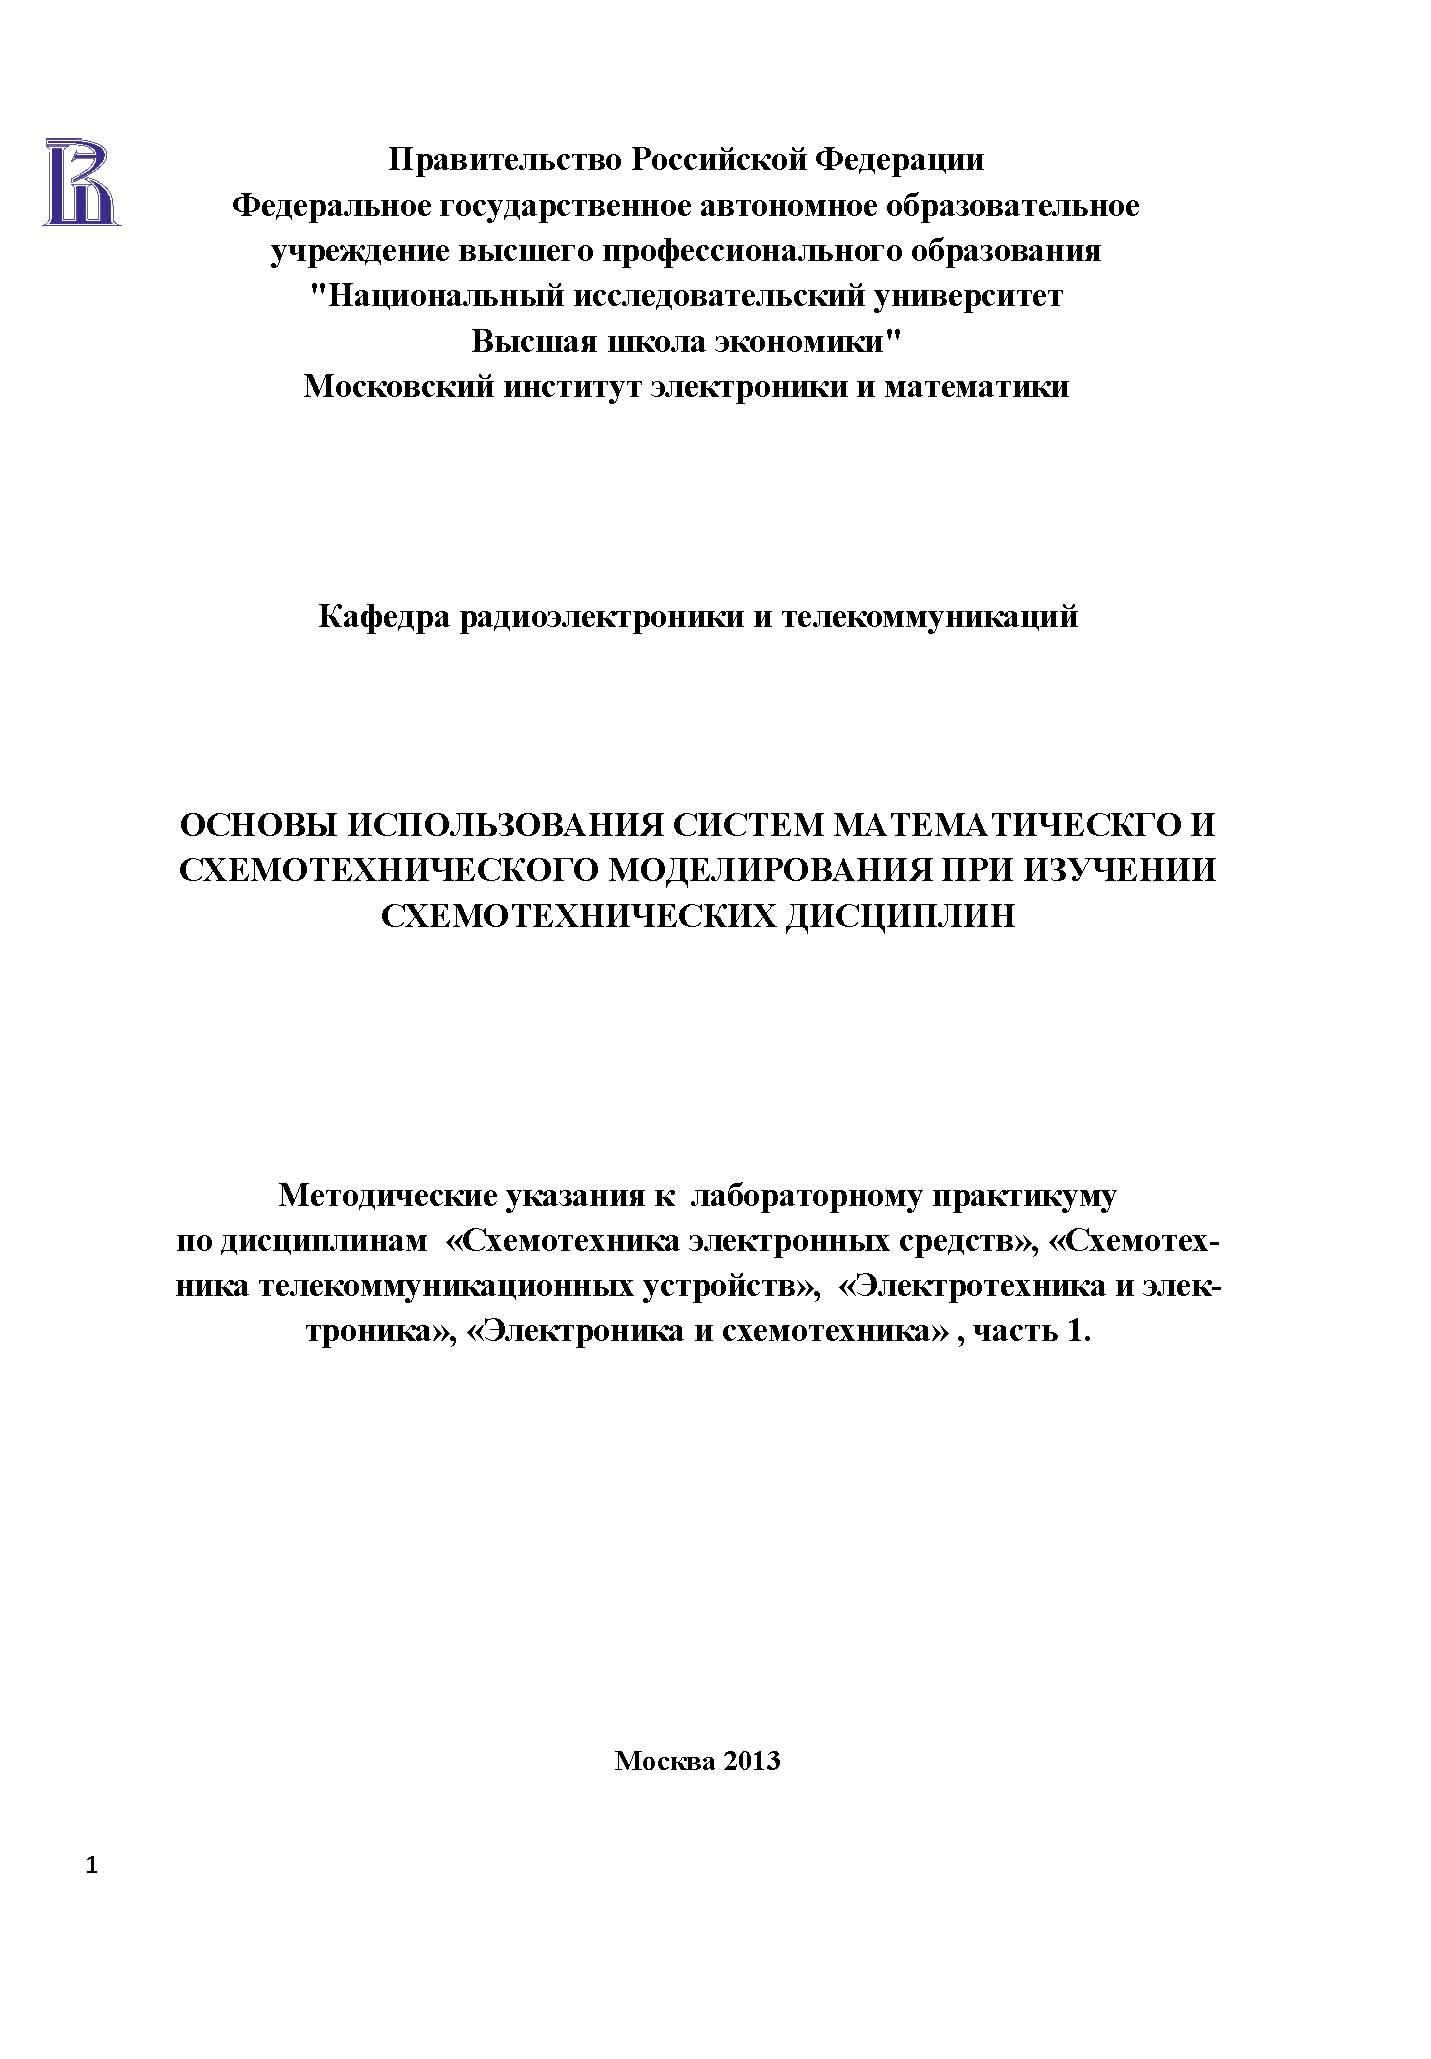 Основы использования систем математического и схемотехнического моделирования при изучении схемотехнических дисциплин. Методические указания к лабораторному практикуму по дисциплинам « Схемотехника электронных средств», «Схемотехника телекоммуникационных устройств», «Электротехника и электроника», «Электроника и схемотехника»